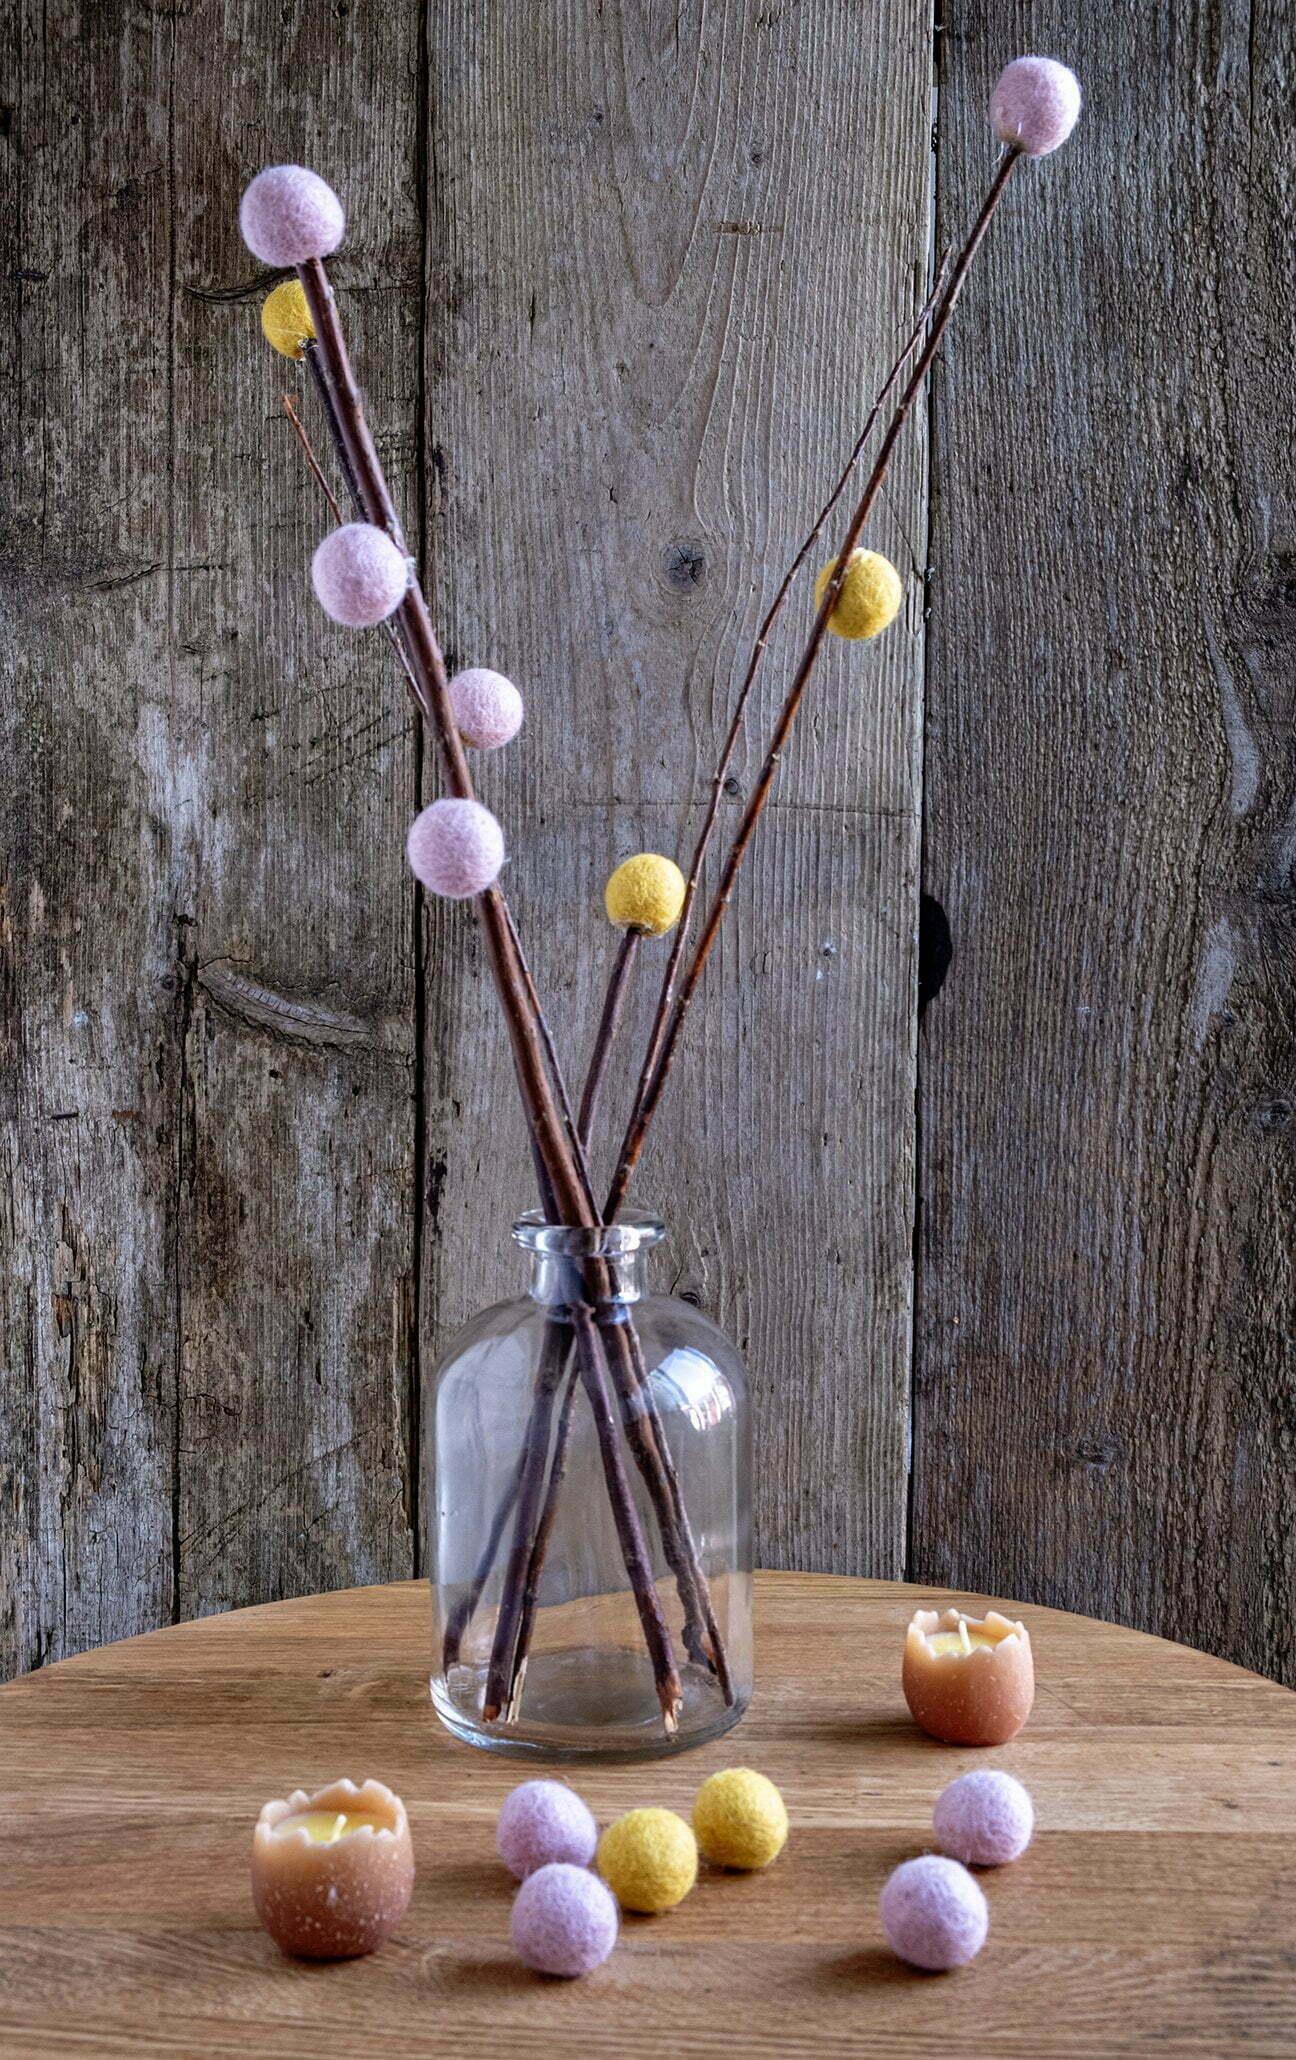 Lente decoratie maken met takjes en vilt balletjes